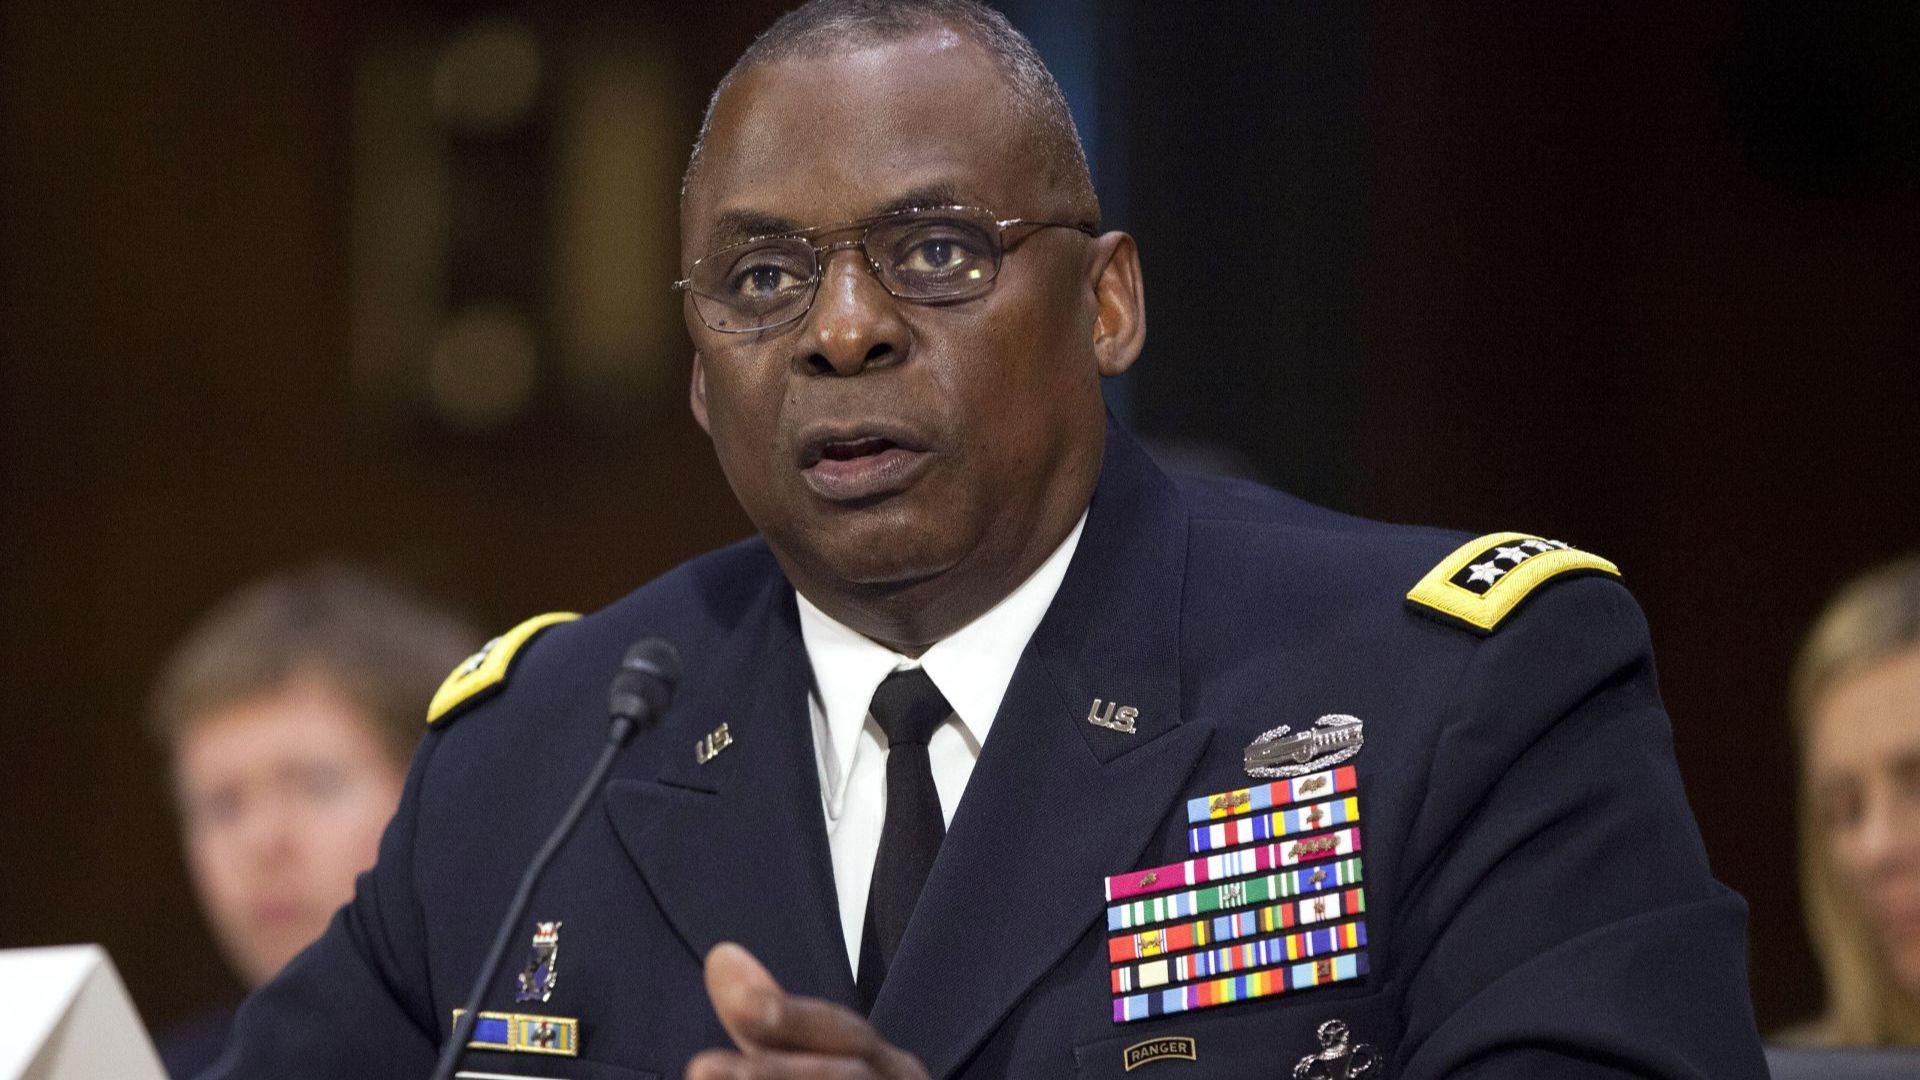 Байдън ще номинира чернокож генерал за свой военен министър